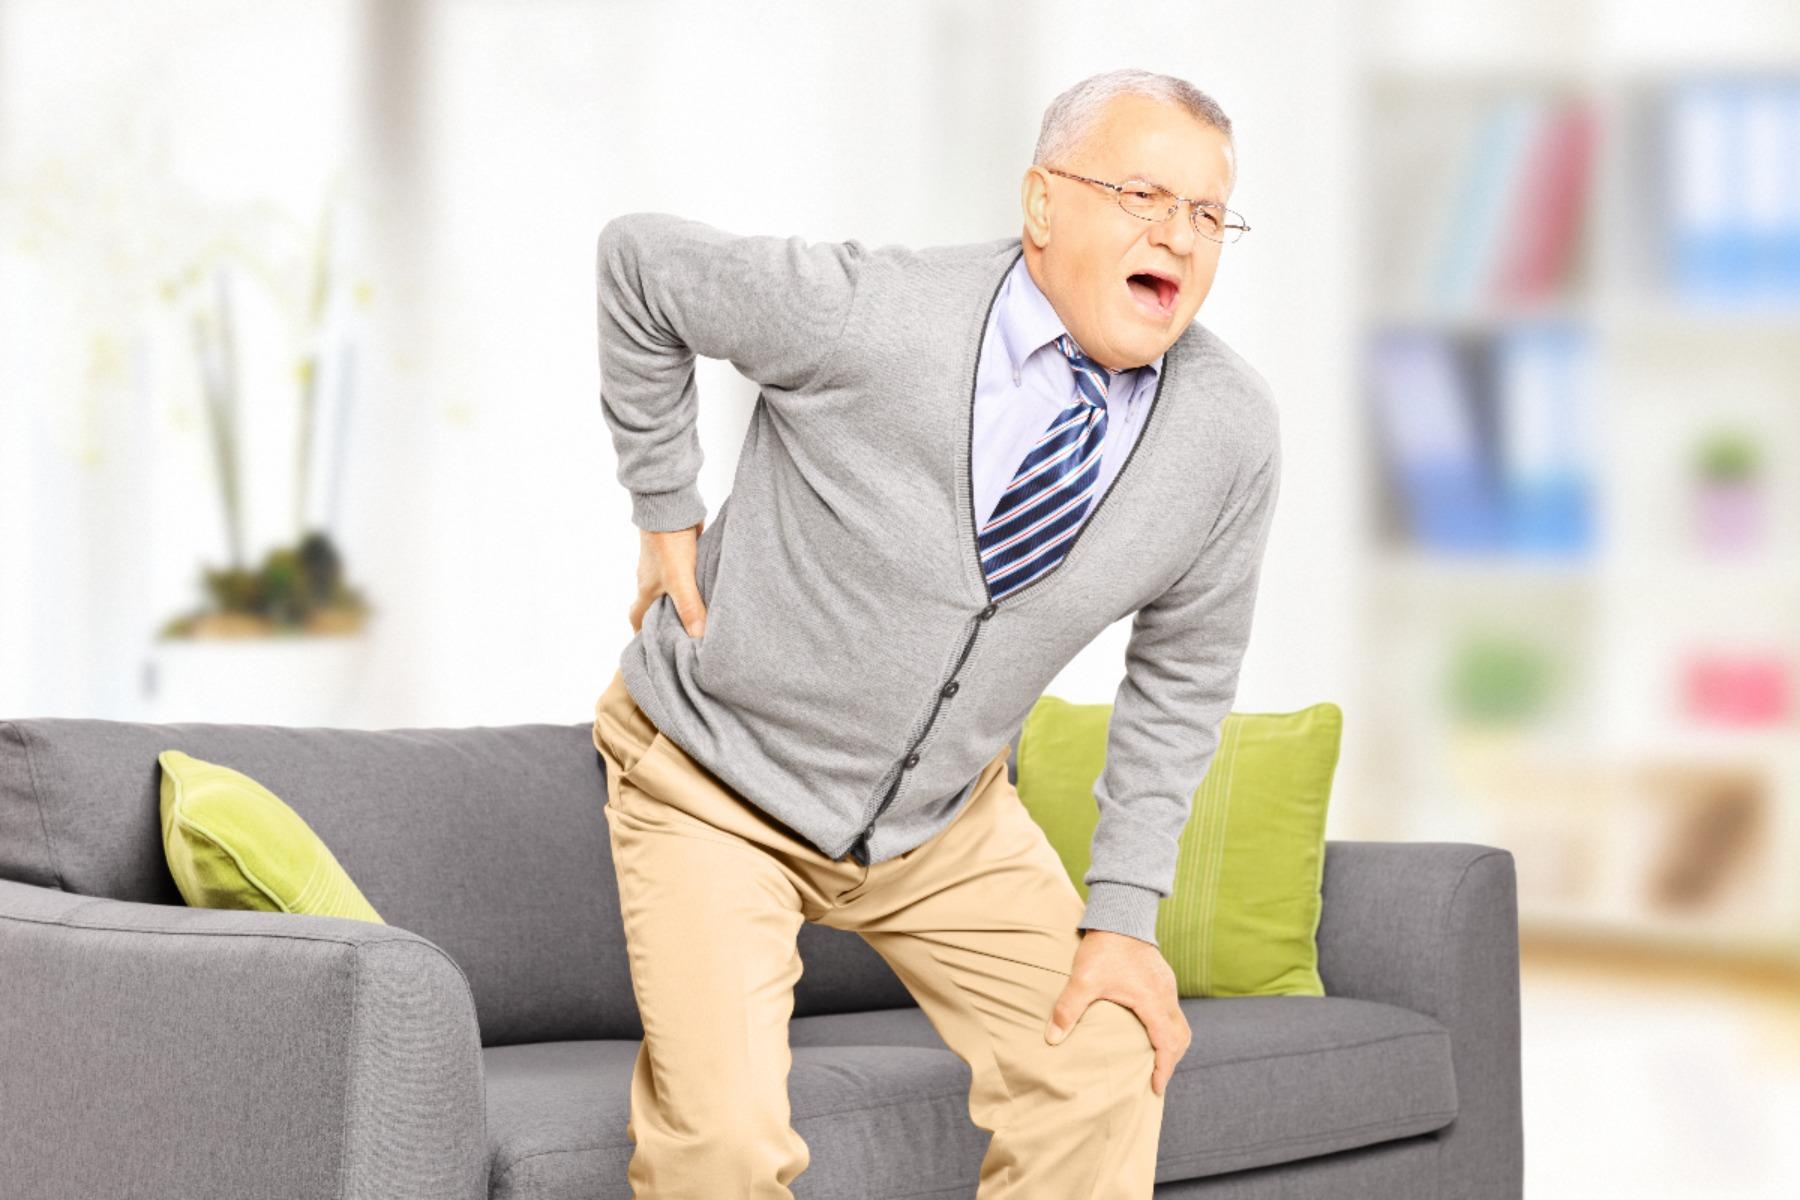 Как лечить поясничный радикулит в домашних условиях таблетками и народными средствами? – Ваш ортопед